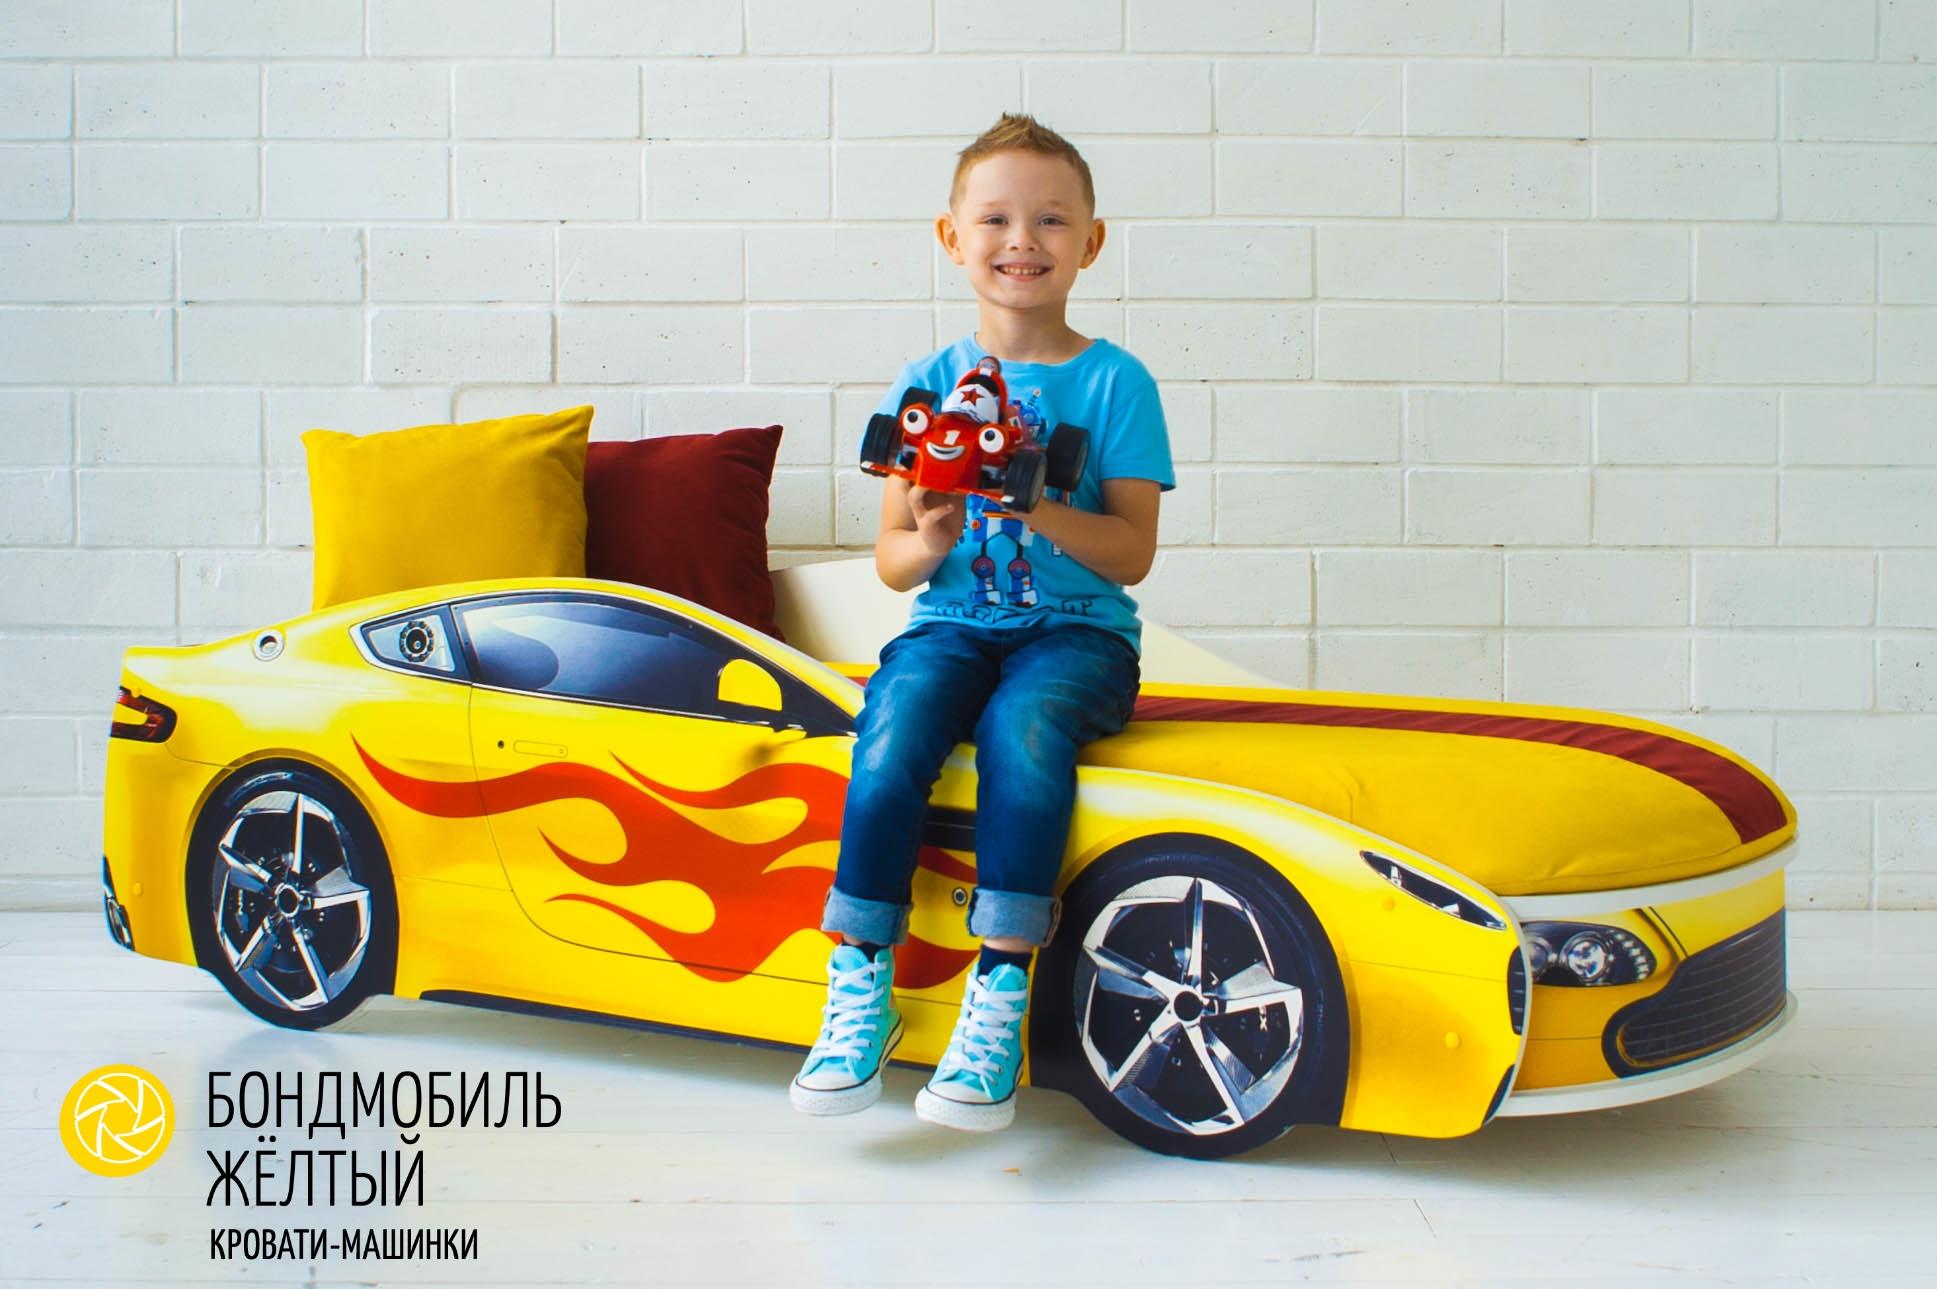 Детская кровать-машина желтый -Бондмобиль-1